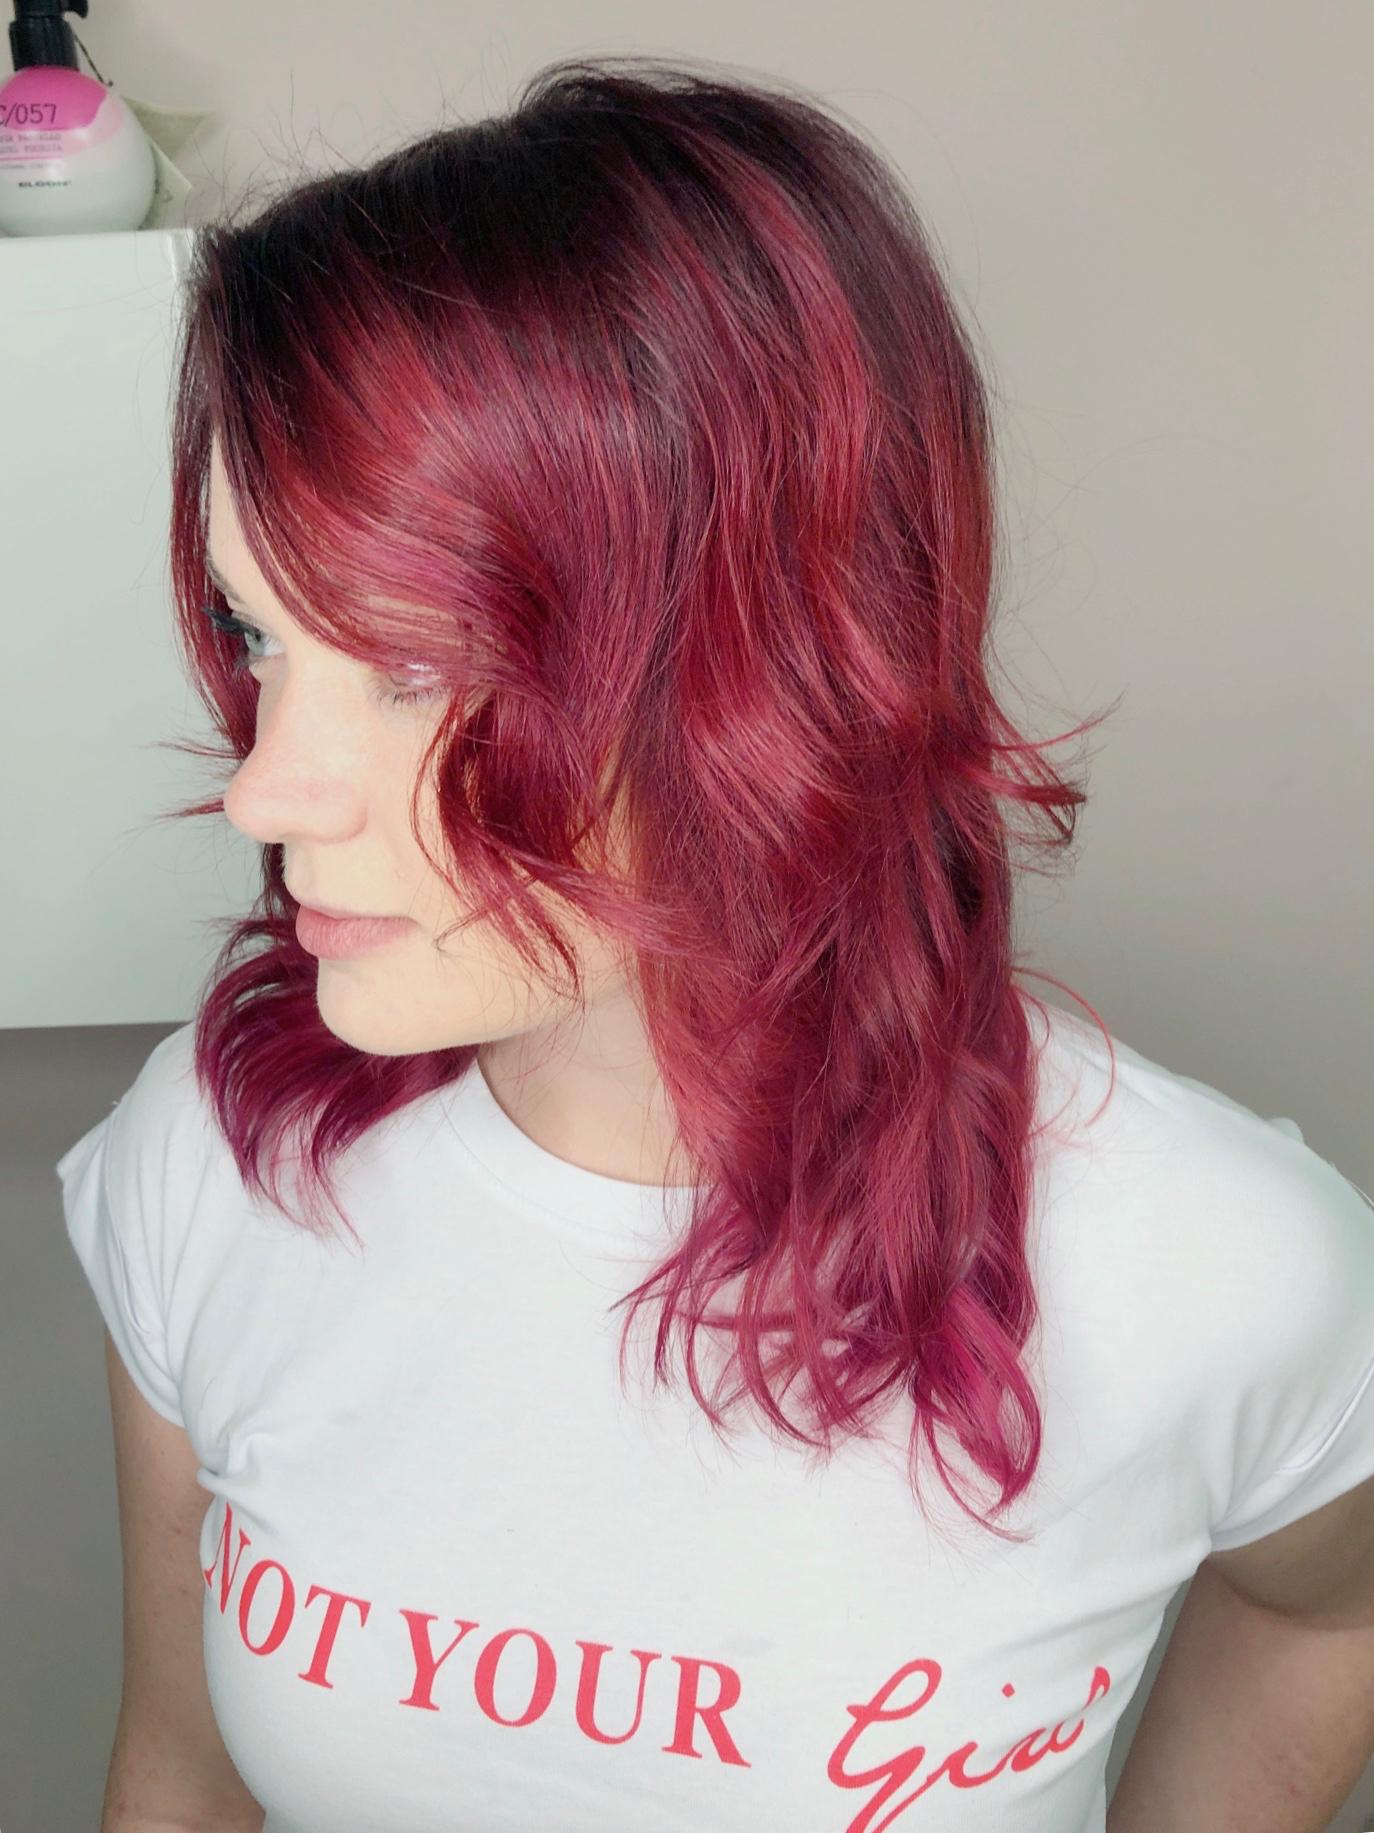 cervene vlasy